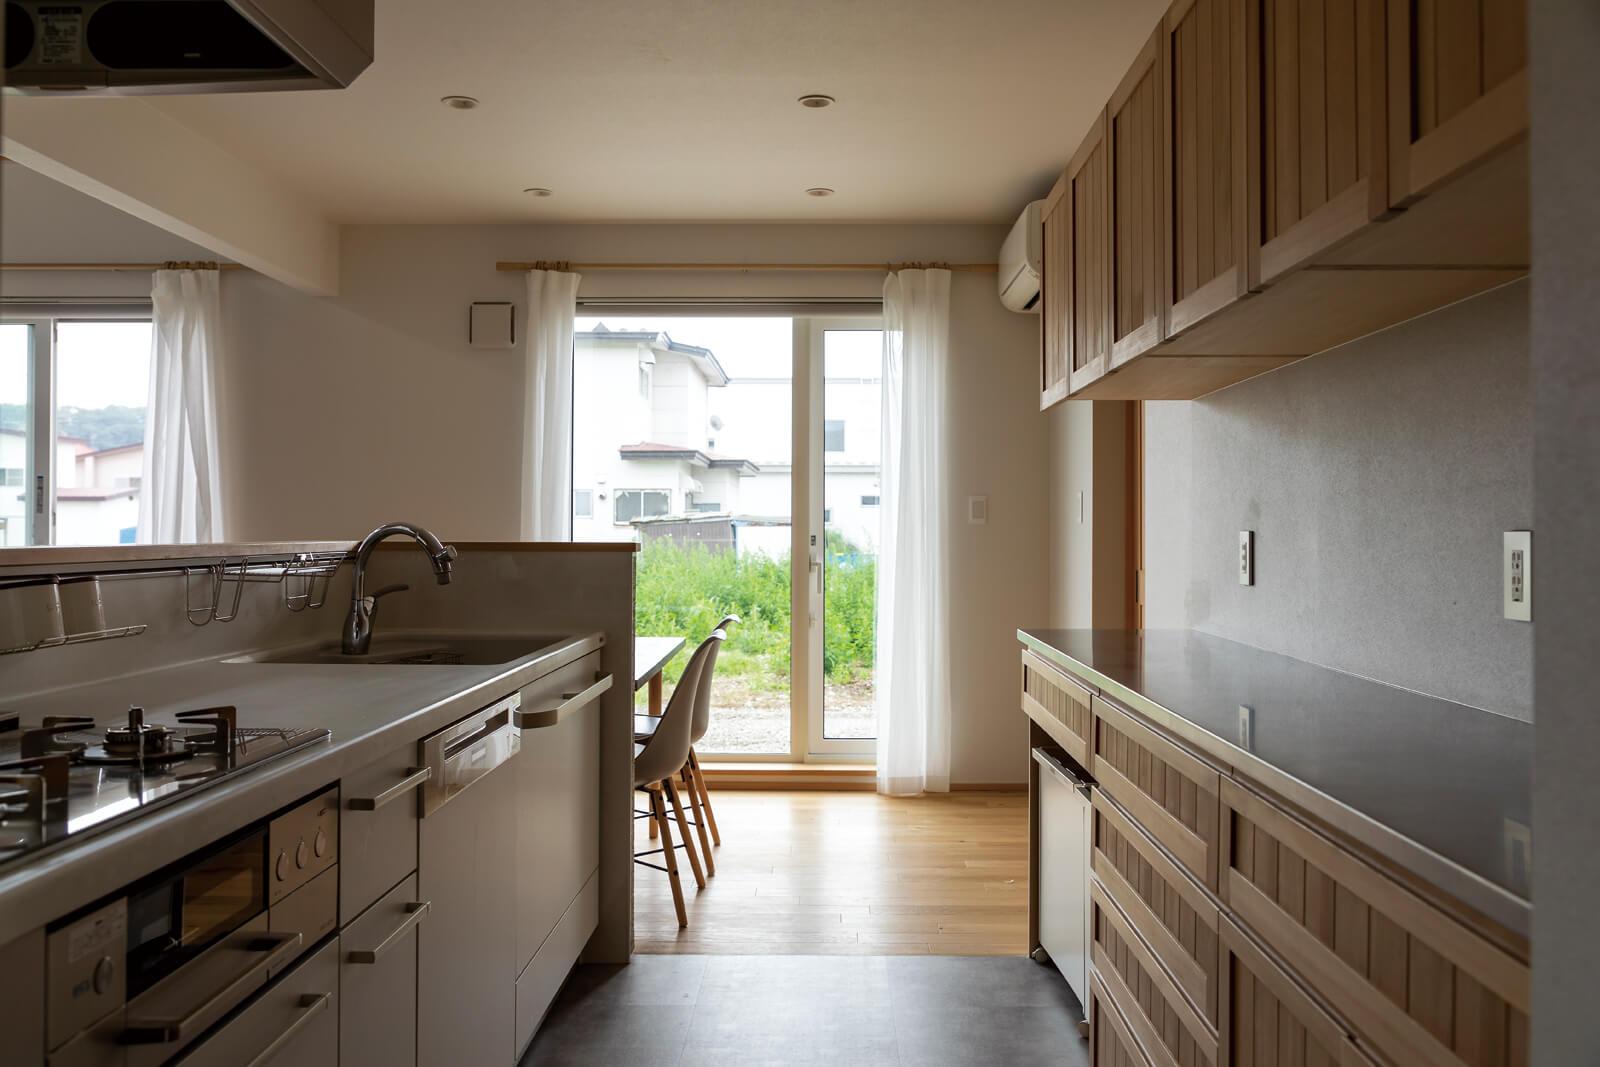 キッチンは庭へ直接アクセスでき、バーベキューの準備や片付けもスムーズ。床は掃除がしやすいフロアタイルを採用